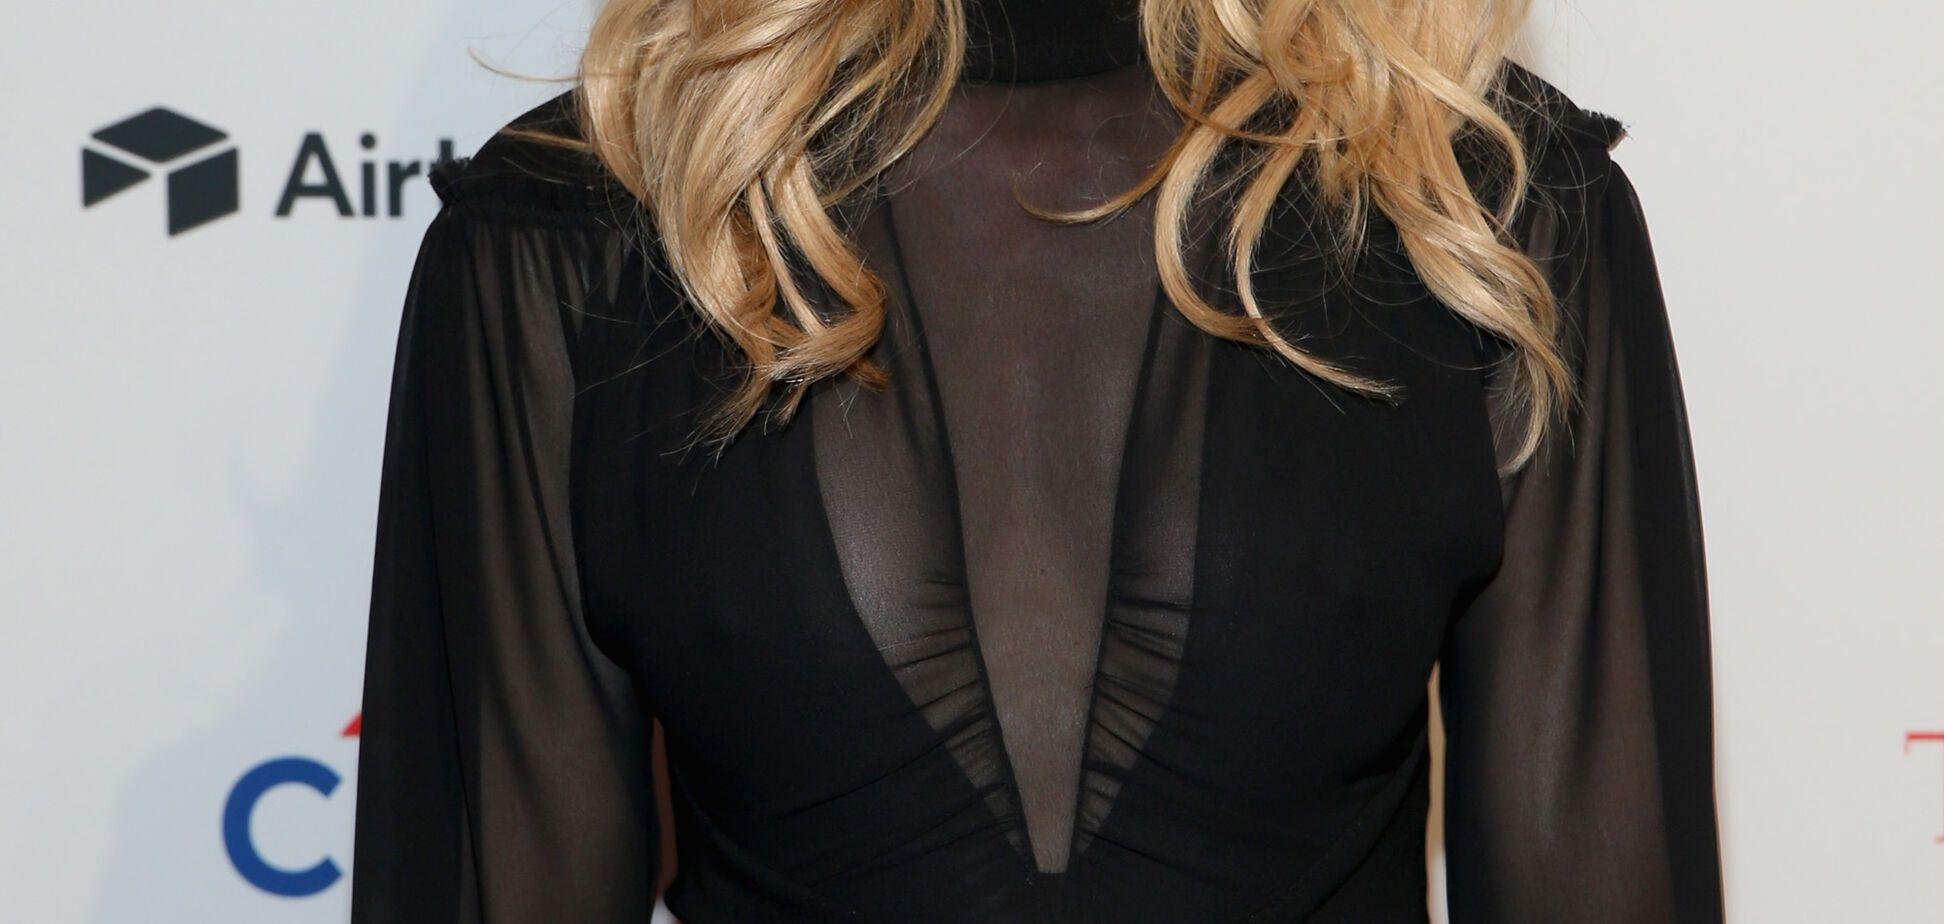 Ніколь Кідман розкрила секрет своєї фарфорової шкіри